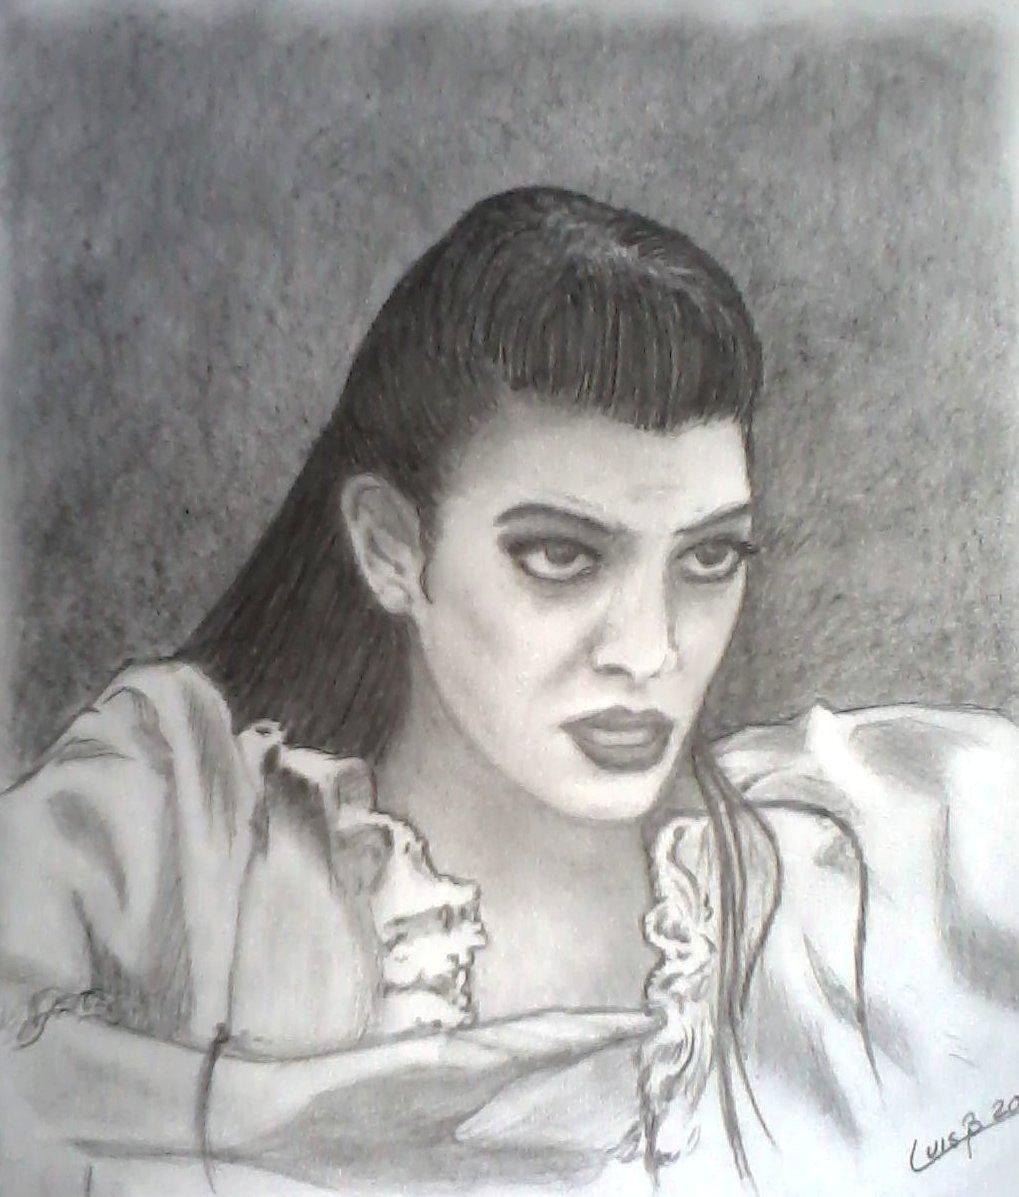 Lucy (Dracula el Musical) con Luna Perez Lening. lucy_dracula_el_musical_con_luna_perez_lening_30921.jpg - lucy_dracula_el_musical_con_luna_perez_lening_30921